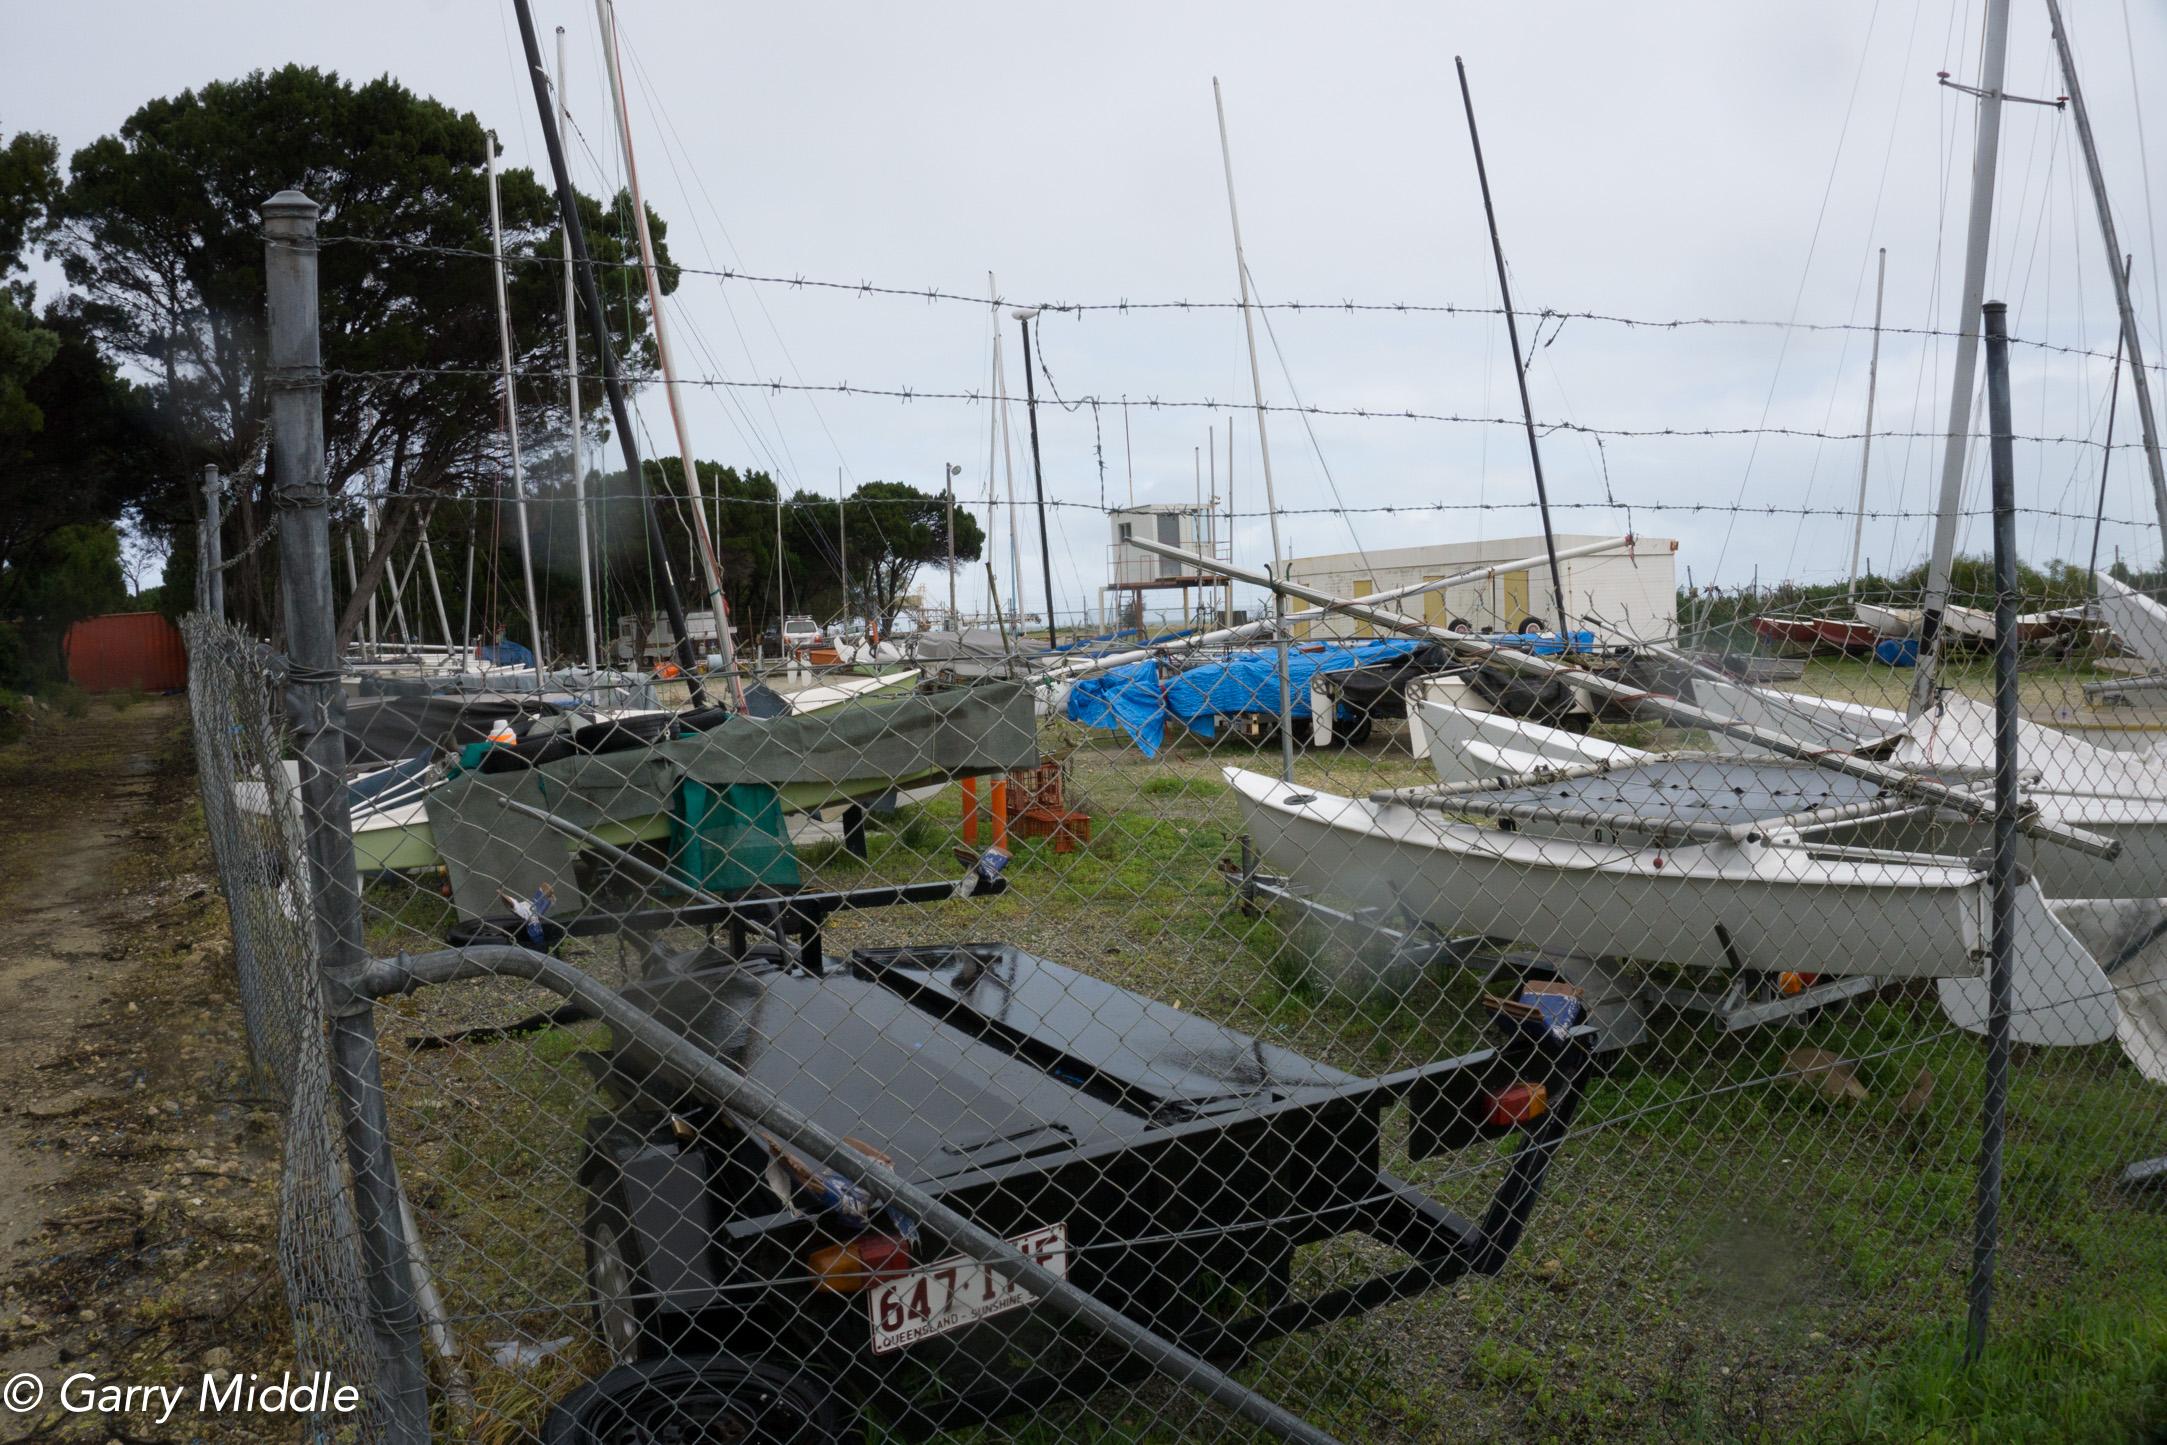 Plate 2: Jervoise Bay Sailing Club